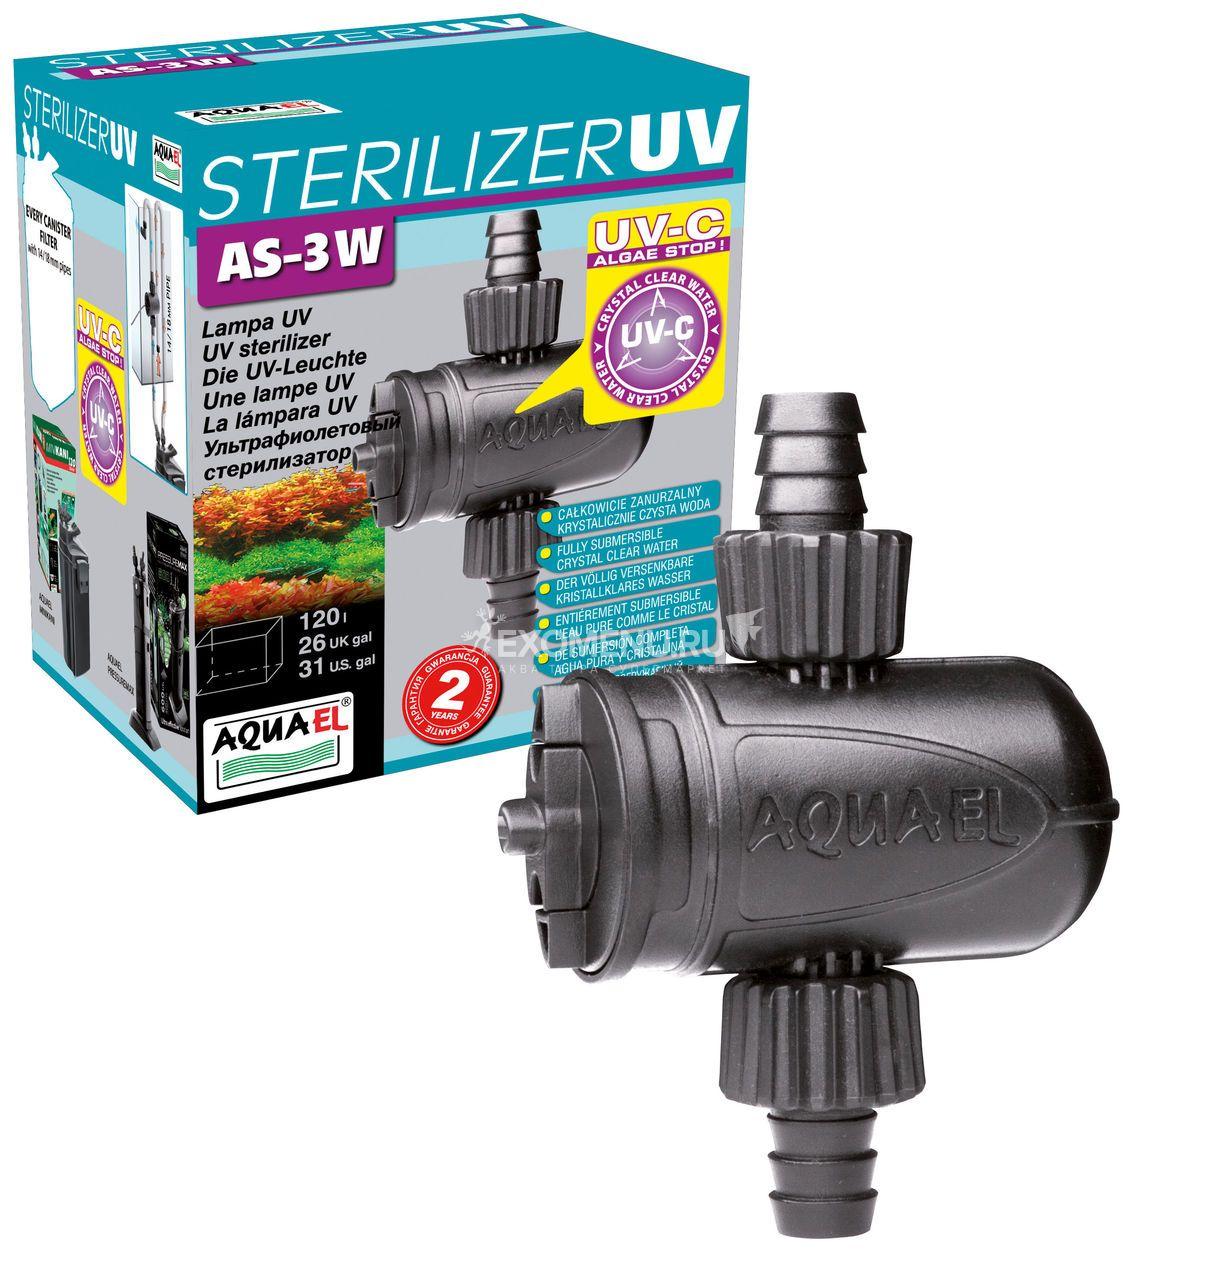 Стерилизатор UV AS - 3W - подходит для MINIKANI и др. фильтров, с диам. шланга 14 мм